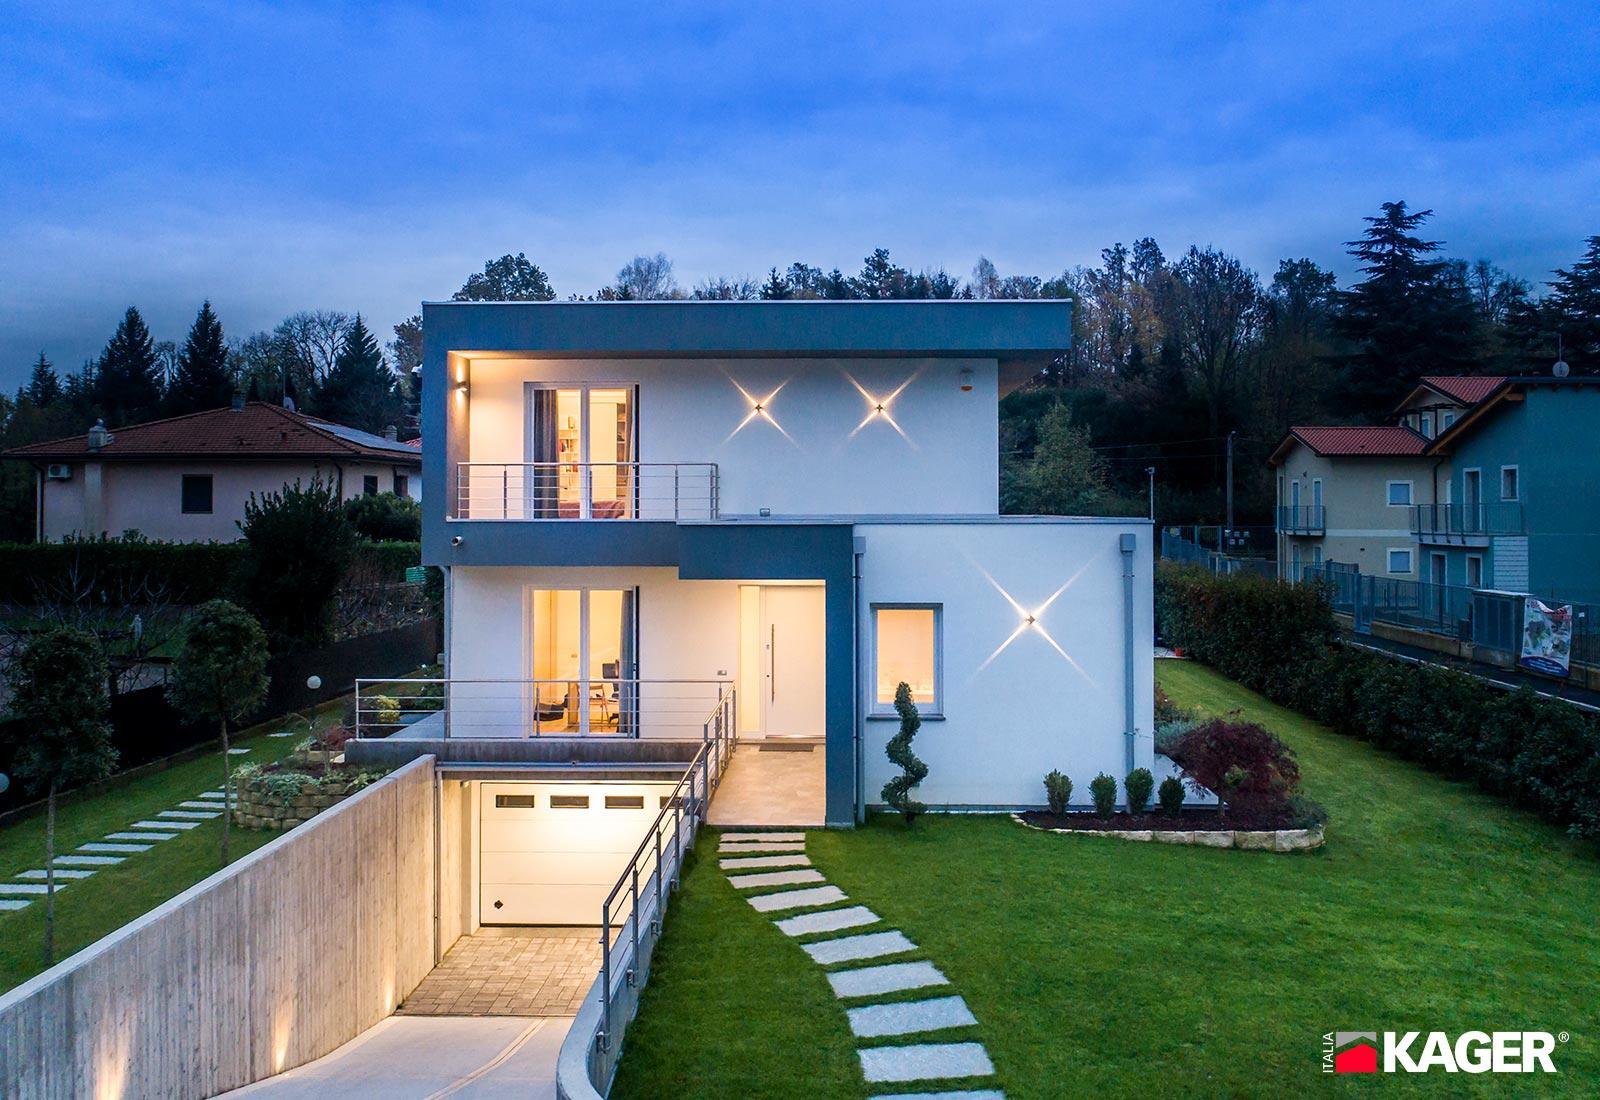 Casa-in-legno-Arcisate-Varese-Kager-Italia-02